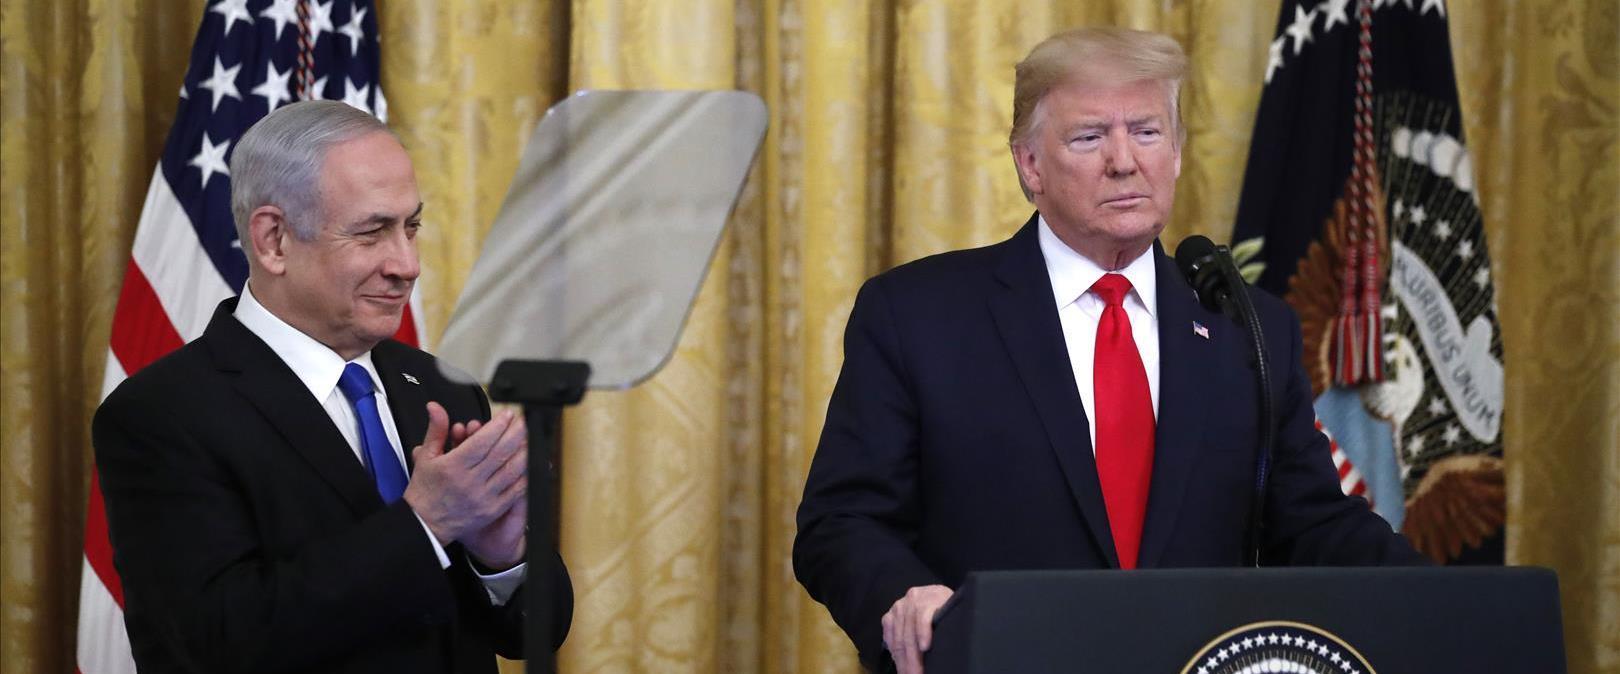 טראמפ ונתניהו בהצגת תוכנית השלום